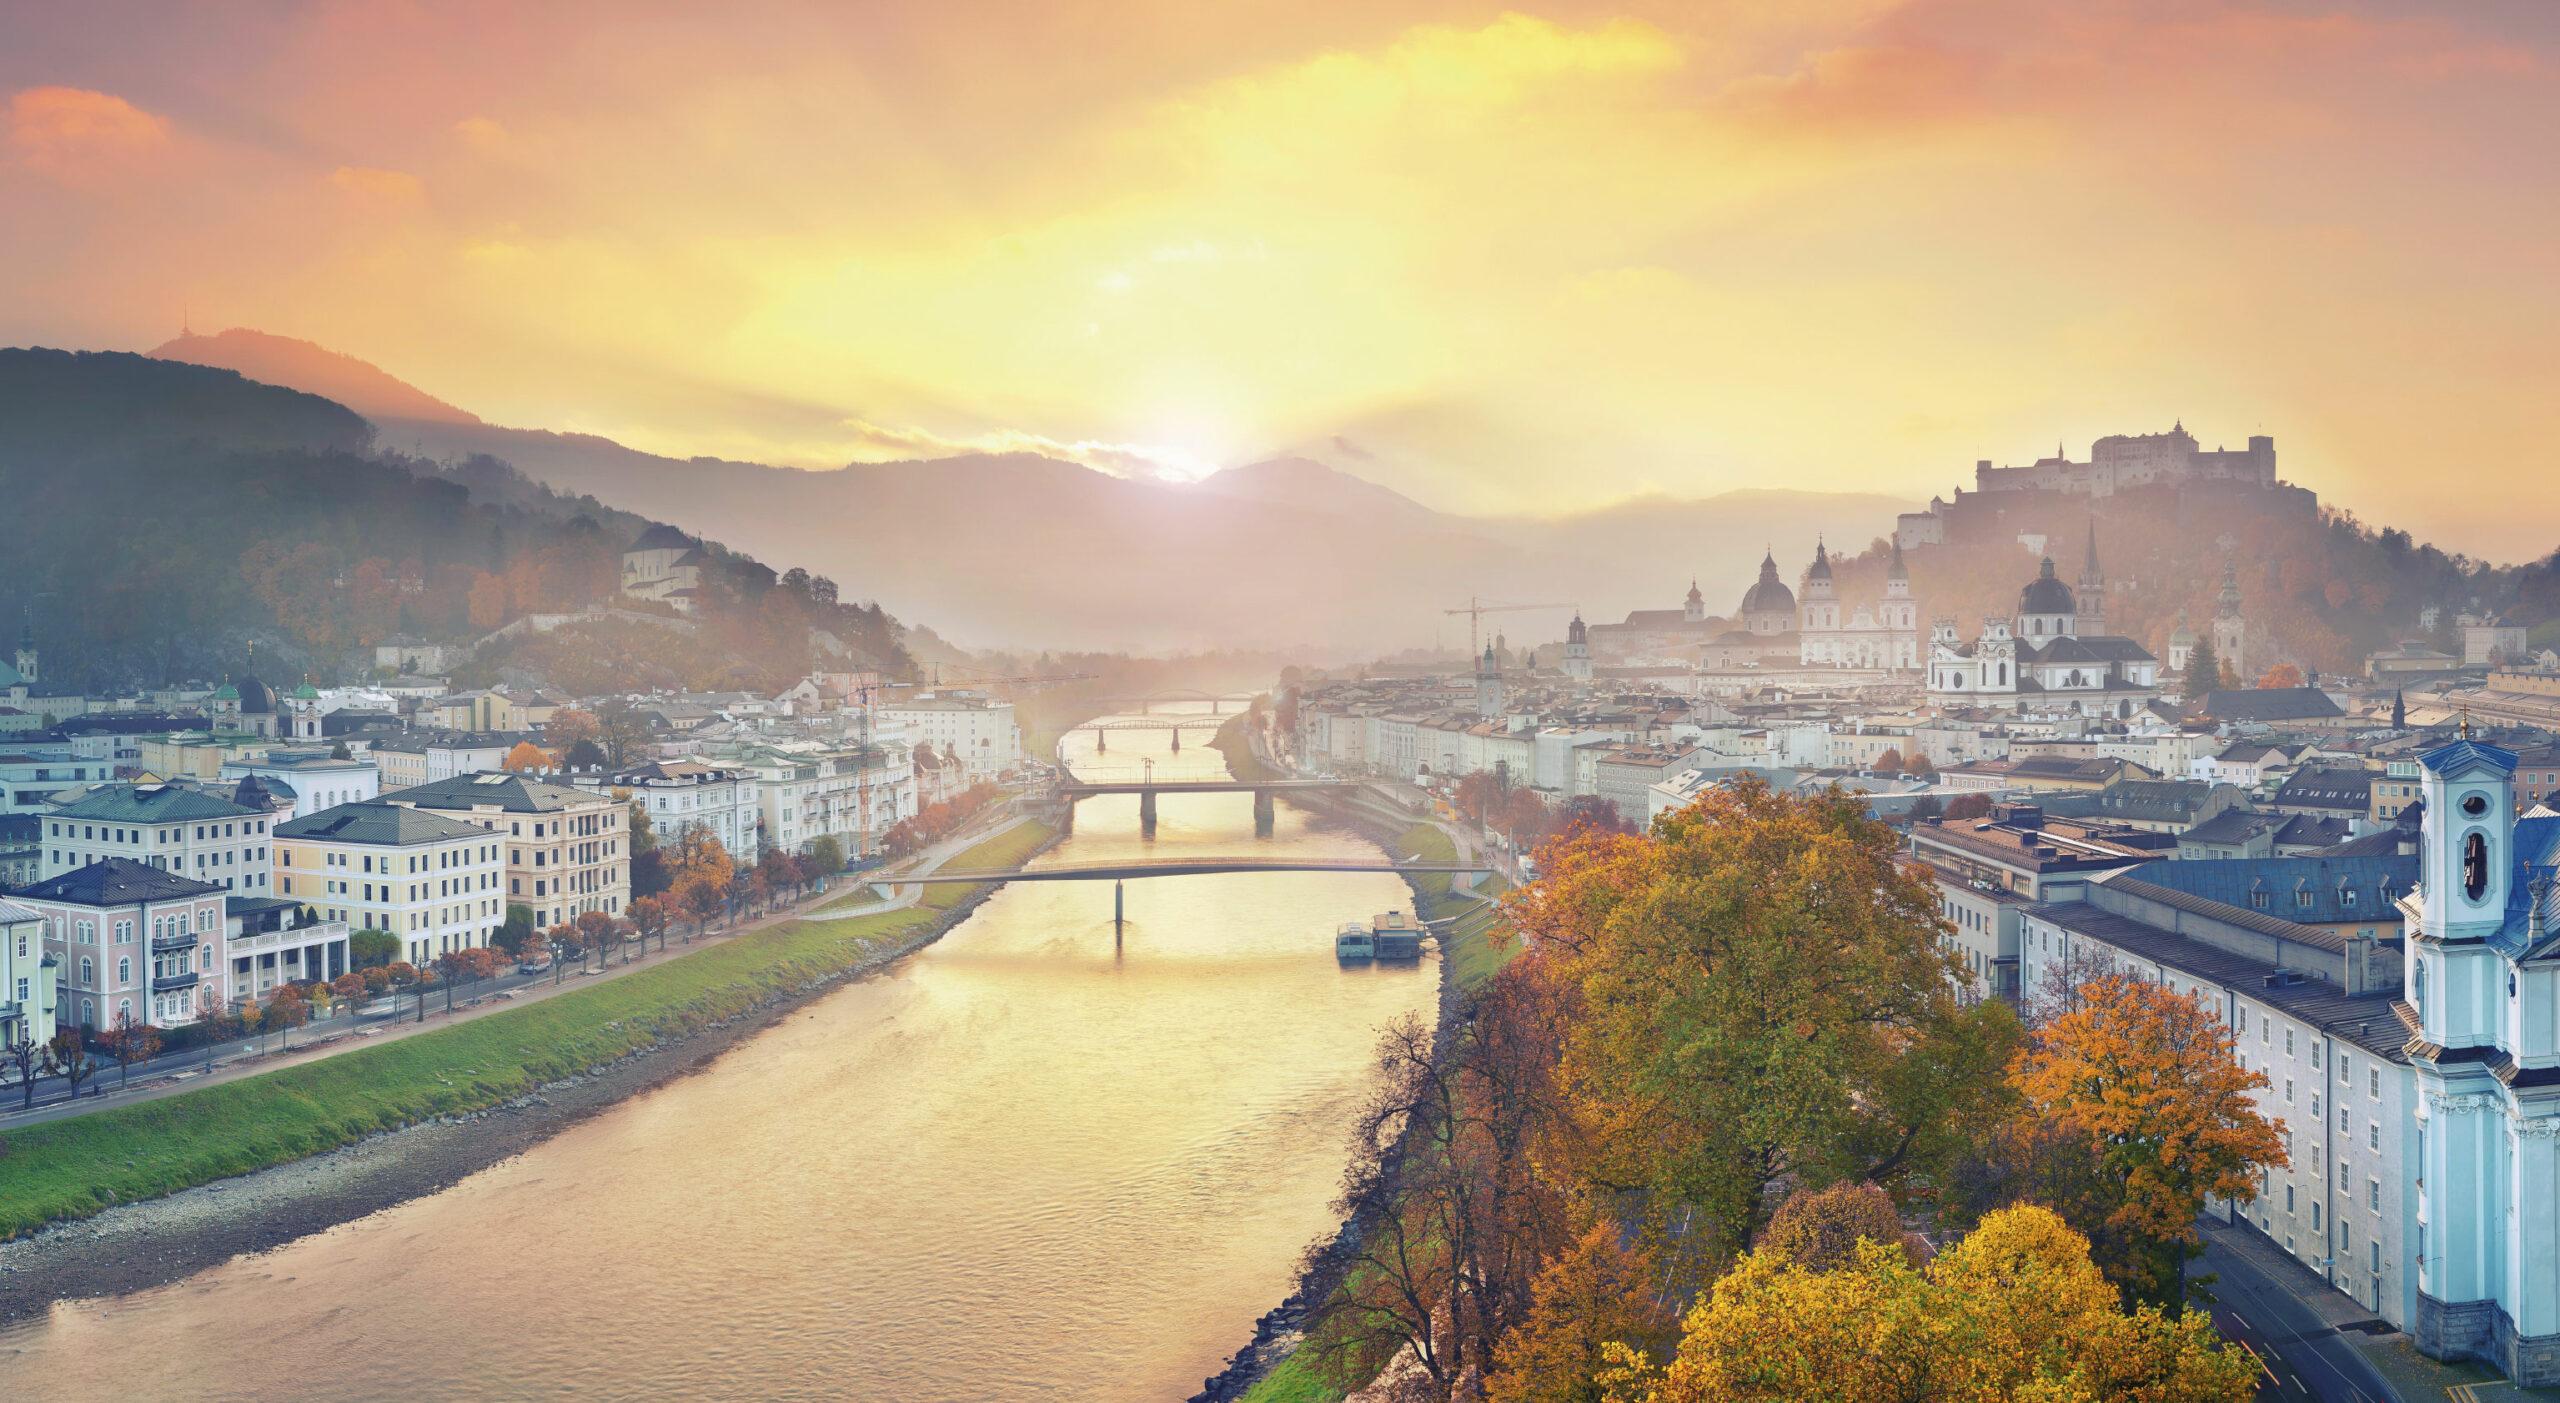 Stadt vor Bergen in orangen Farben